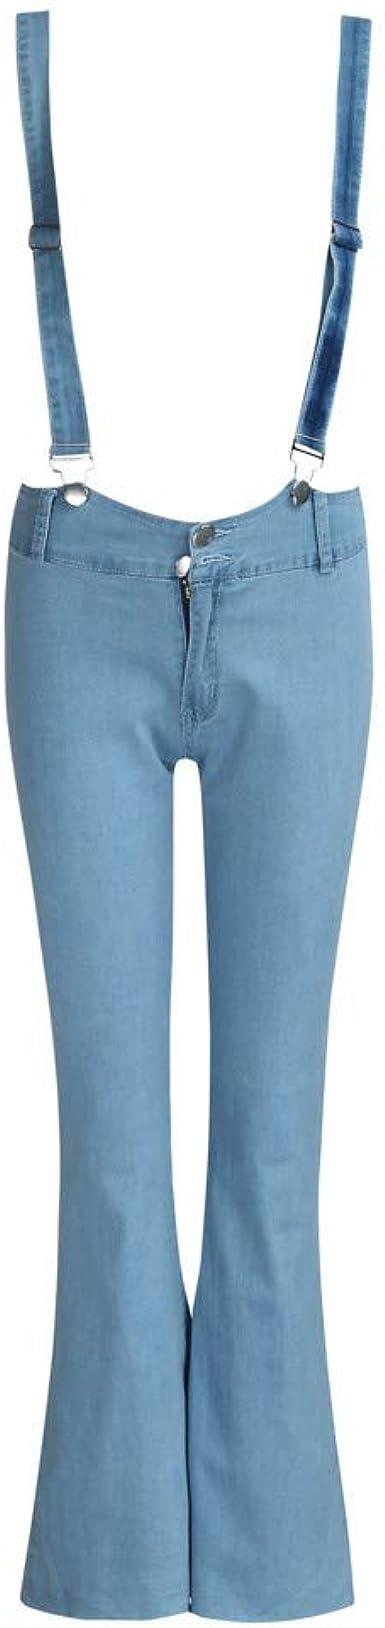 Pantalones vaqueros para mujer, cintura alta, con cremallera ...